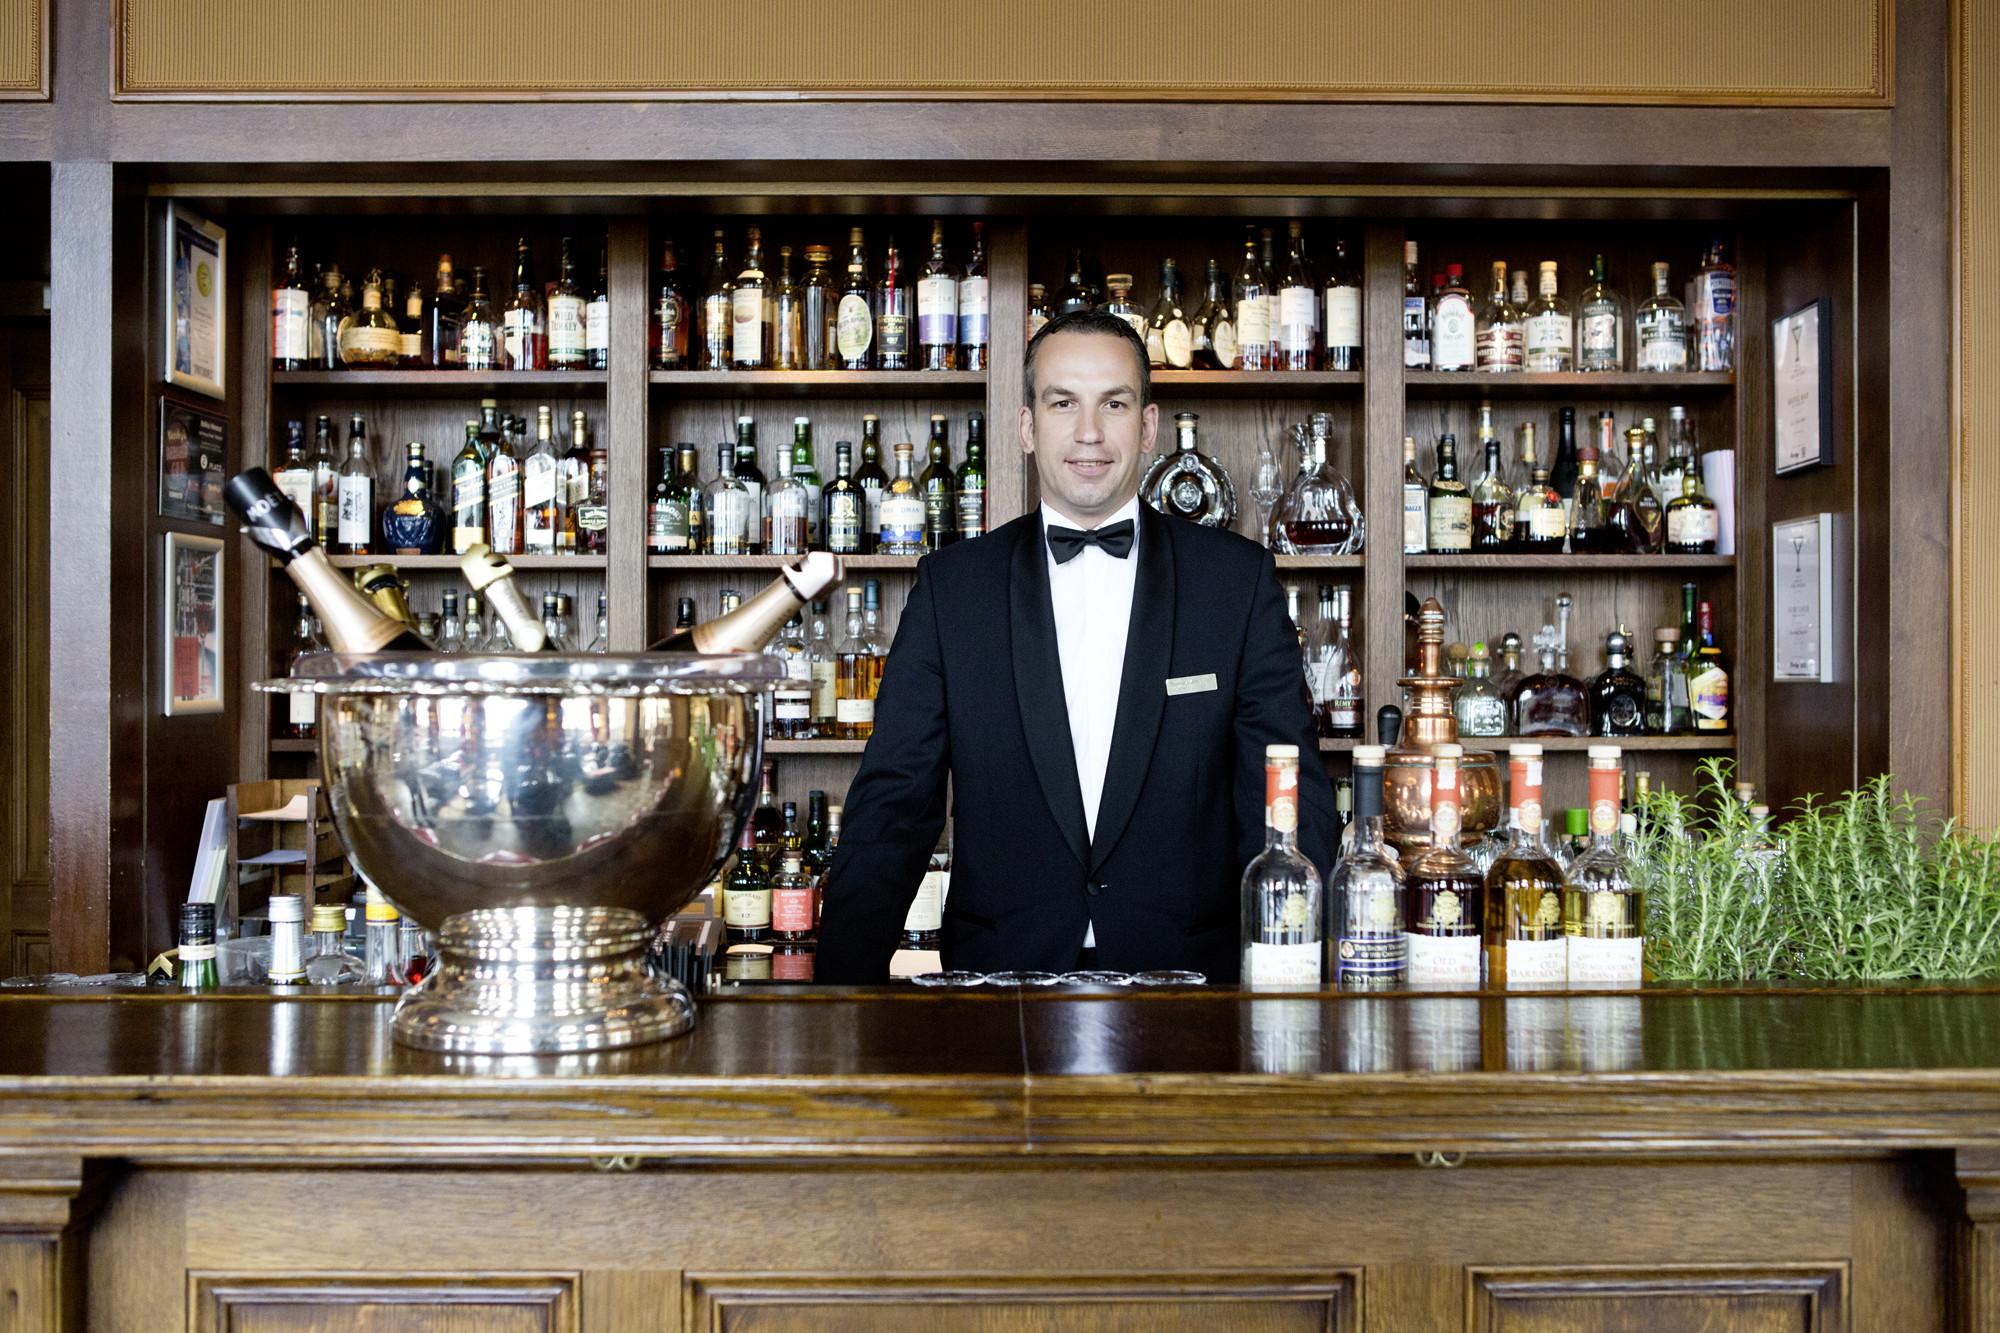 Groß Barkeeper Beispiel Fortsetzen Fotos - Entry Level Resume ...